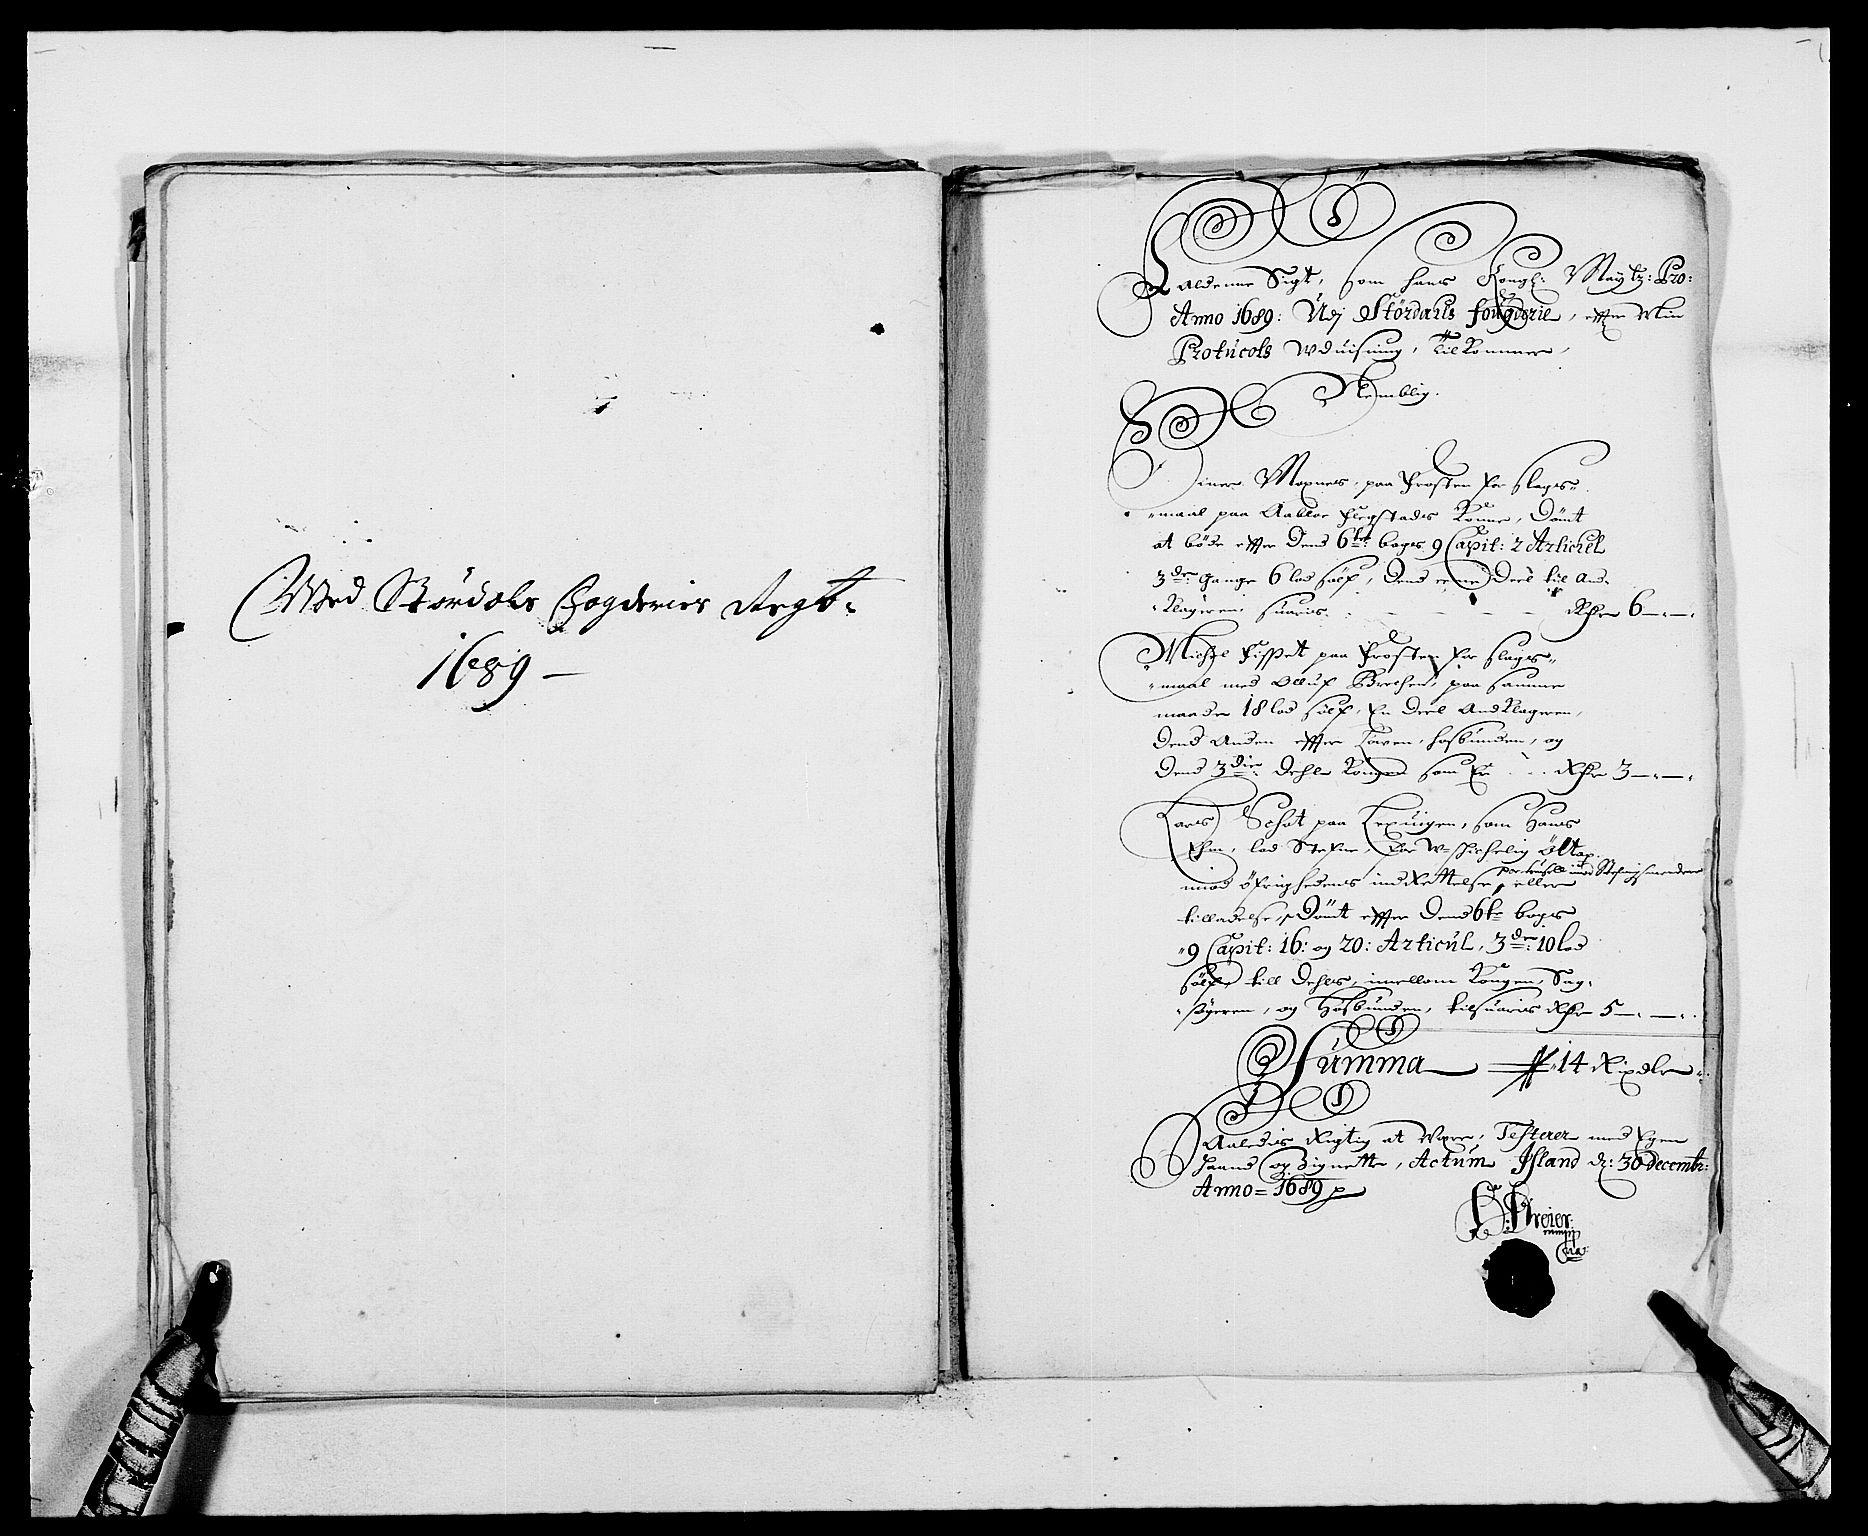 RA, Rentekammeret inntil 1814, Reviderte regnskaper, Fogderegnskap, R62/L4183: Fogderegnskap Stjørdal og Verdal, 1687-1689, s. 382